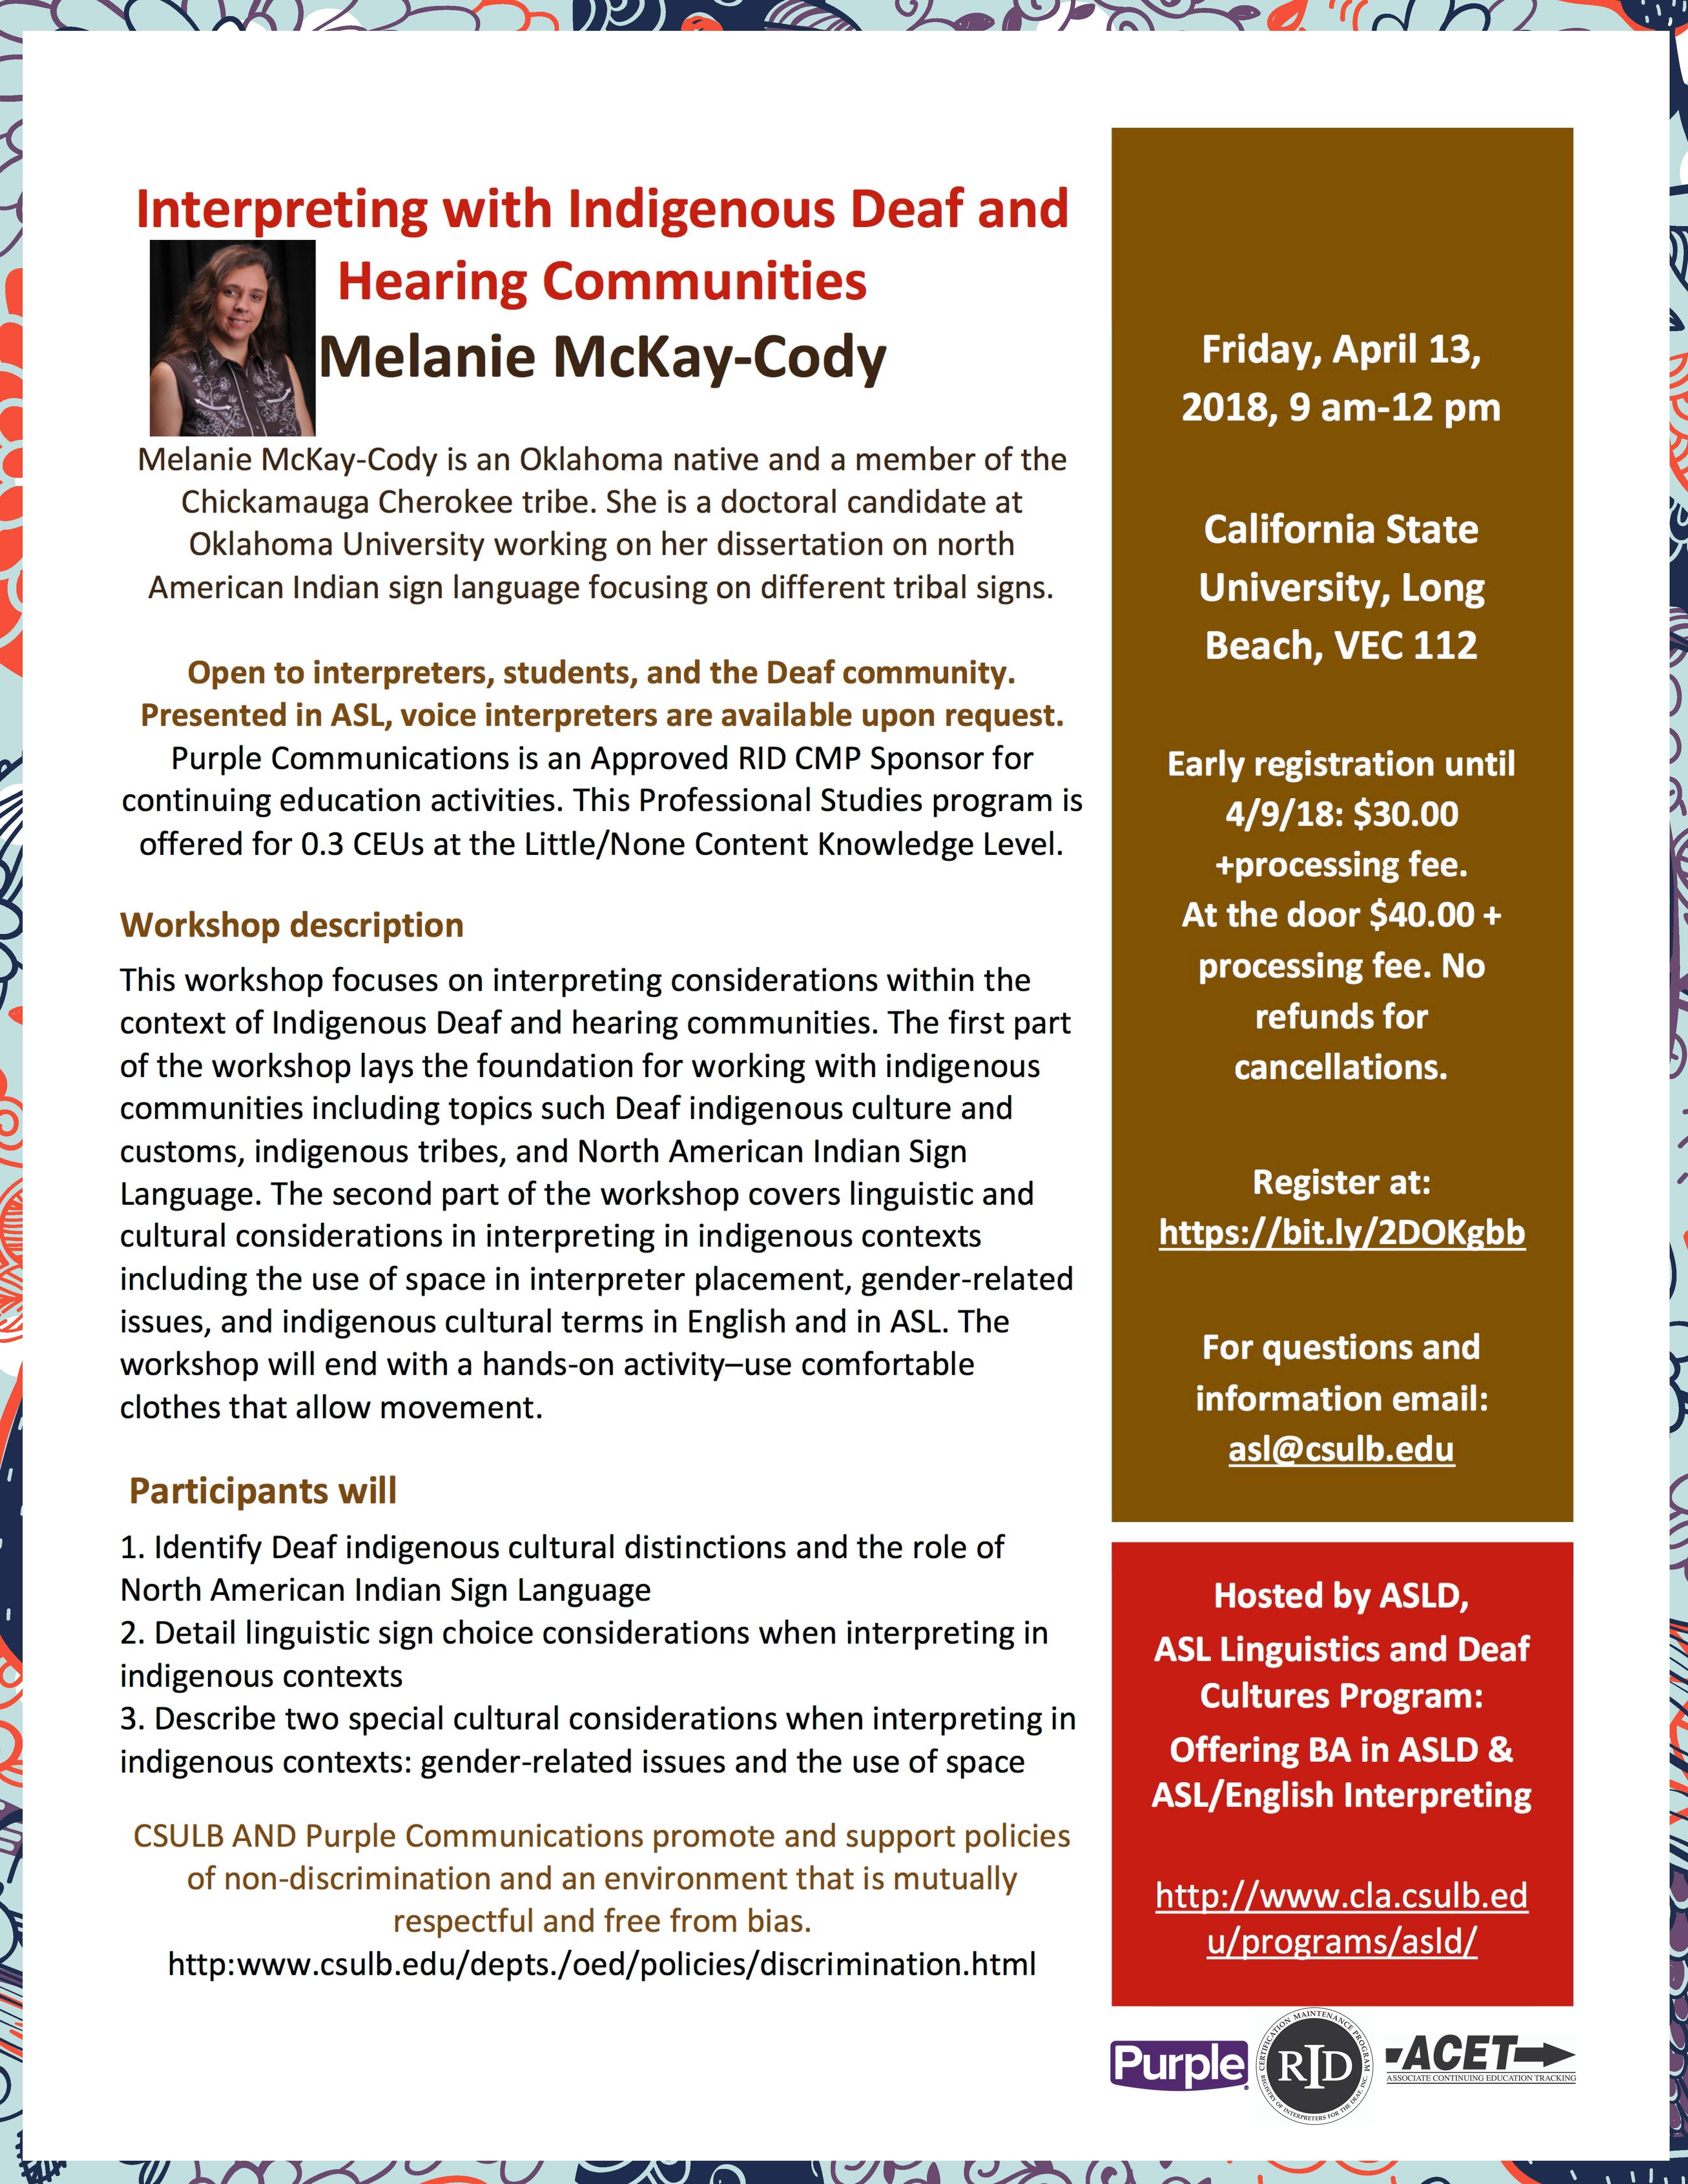 Melanie Workshop Flyer final – ASL Linguistics and Deaf